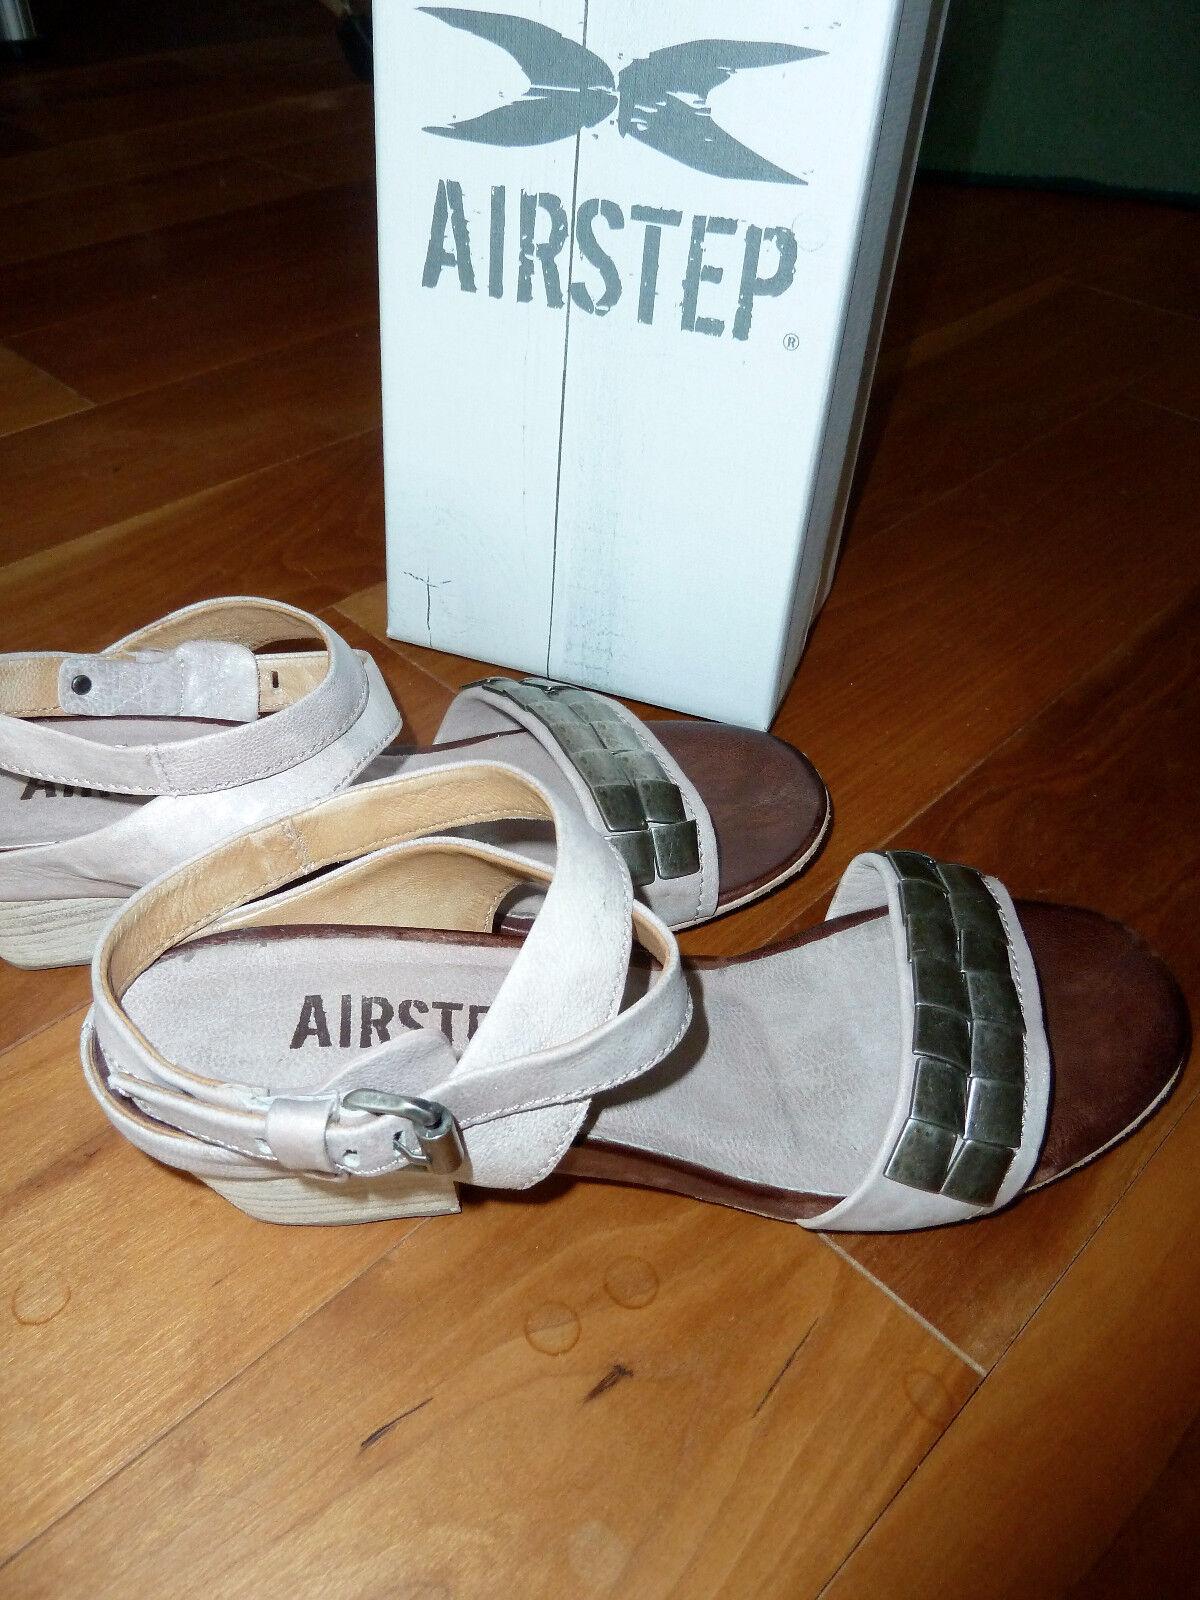 Wie Gr41 NEU Airstep AS 98 Sandalen Sandalette Echtleder Gr41 Wie 42 weiß Art193003 NEU 44cb63